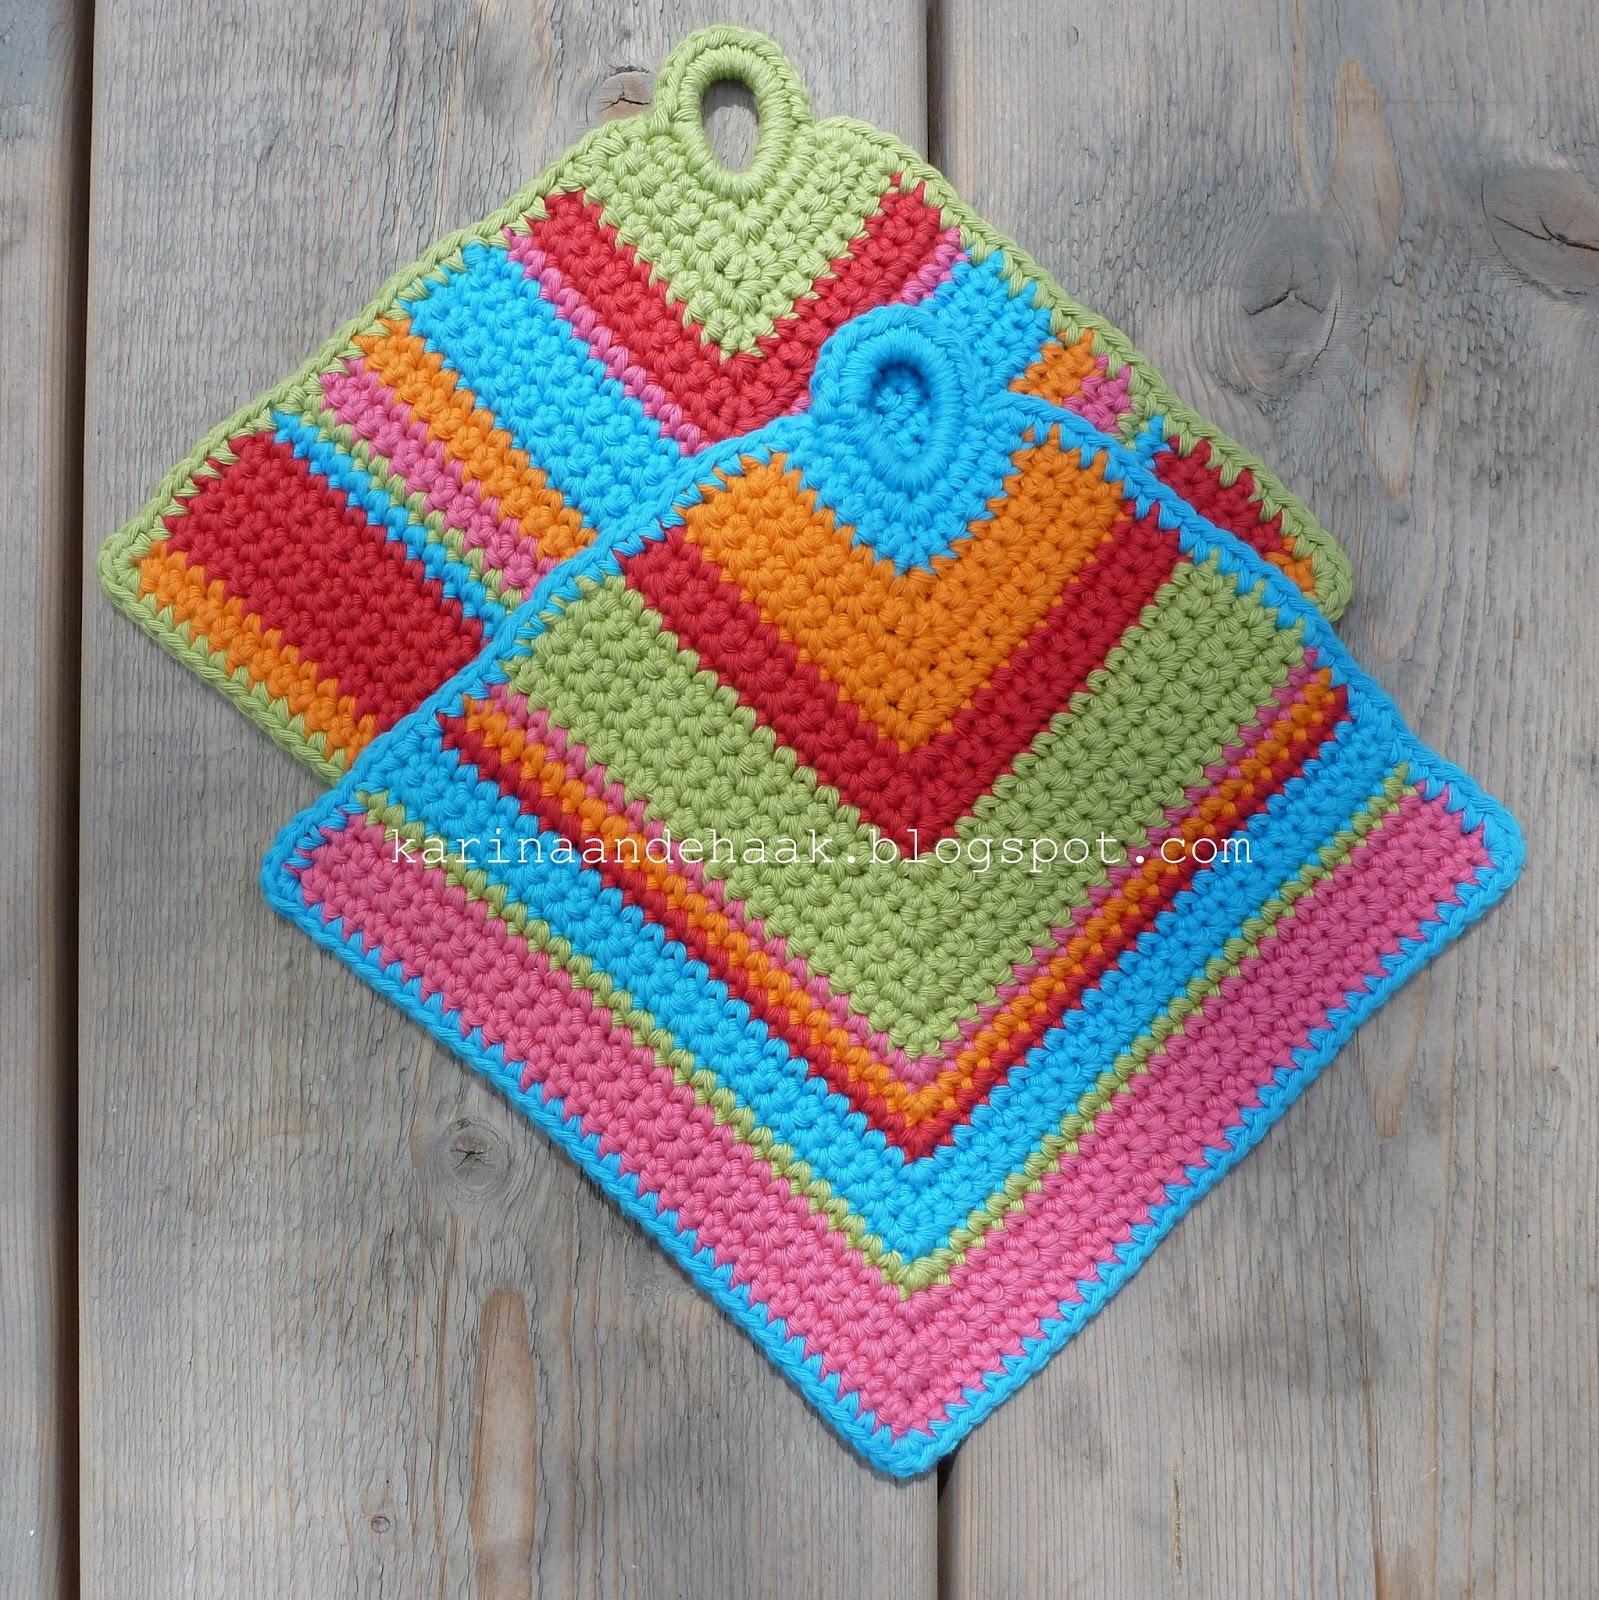 Pannenlap Haken Haken Crochet Haken